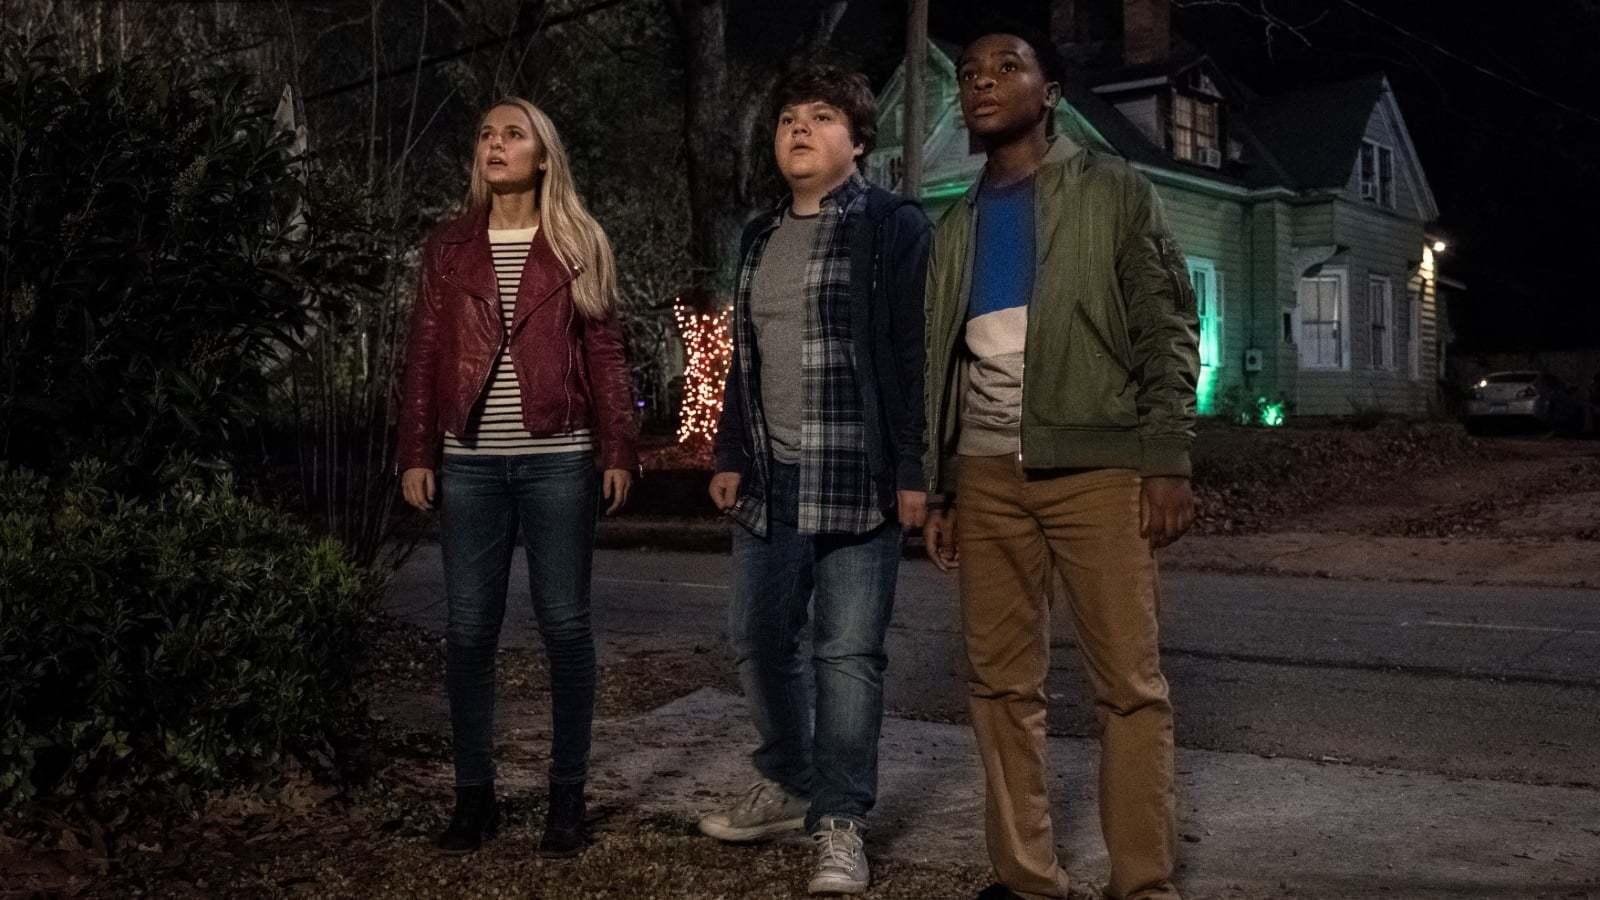 Кадры из фильма Ужастики 2: Беспокойный Хэллоуин Goosebumps 2: Haunted Halloween 2018